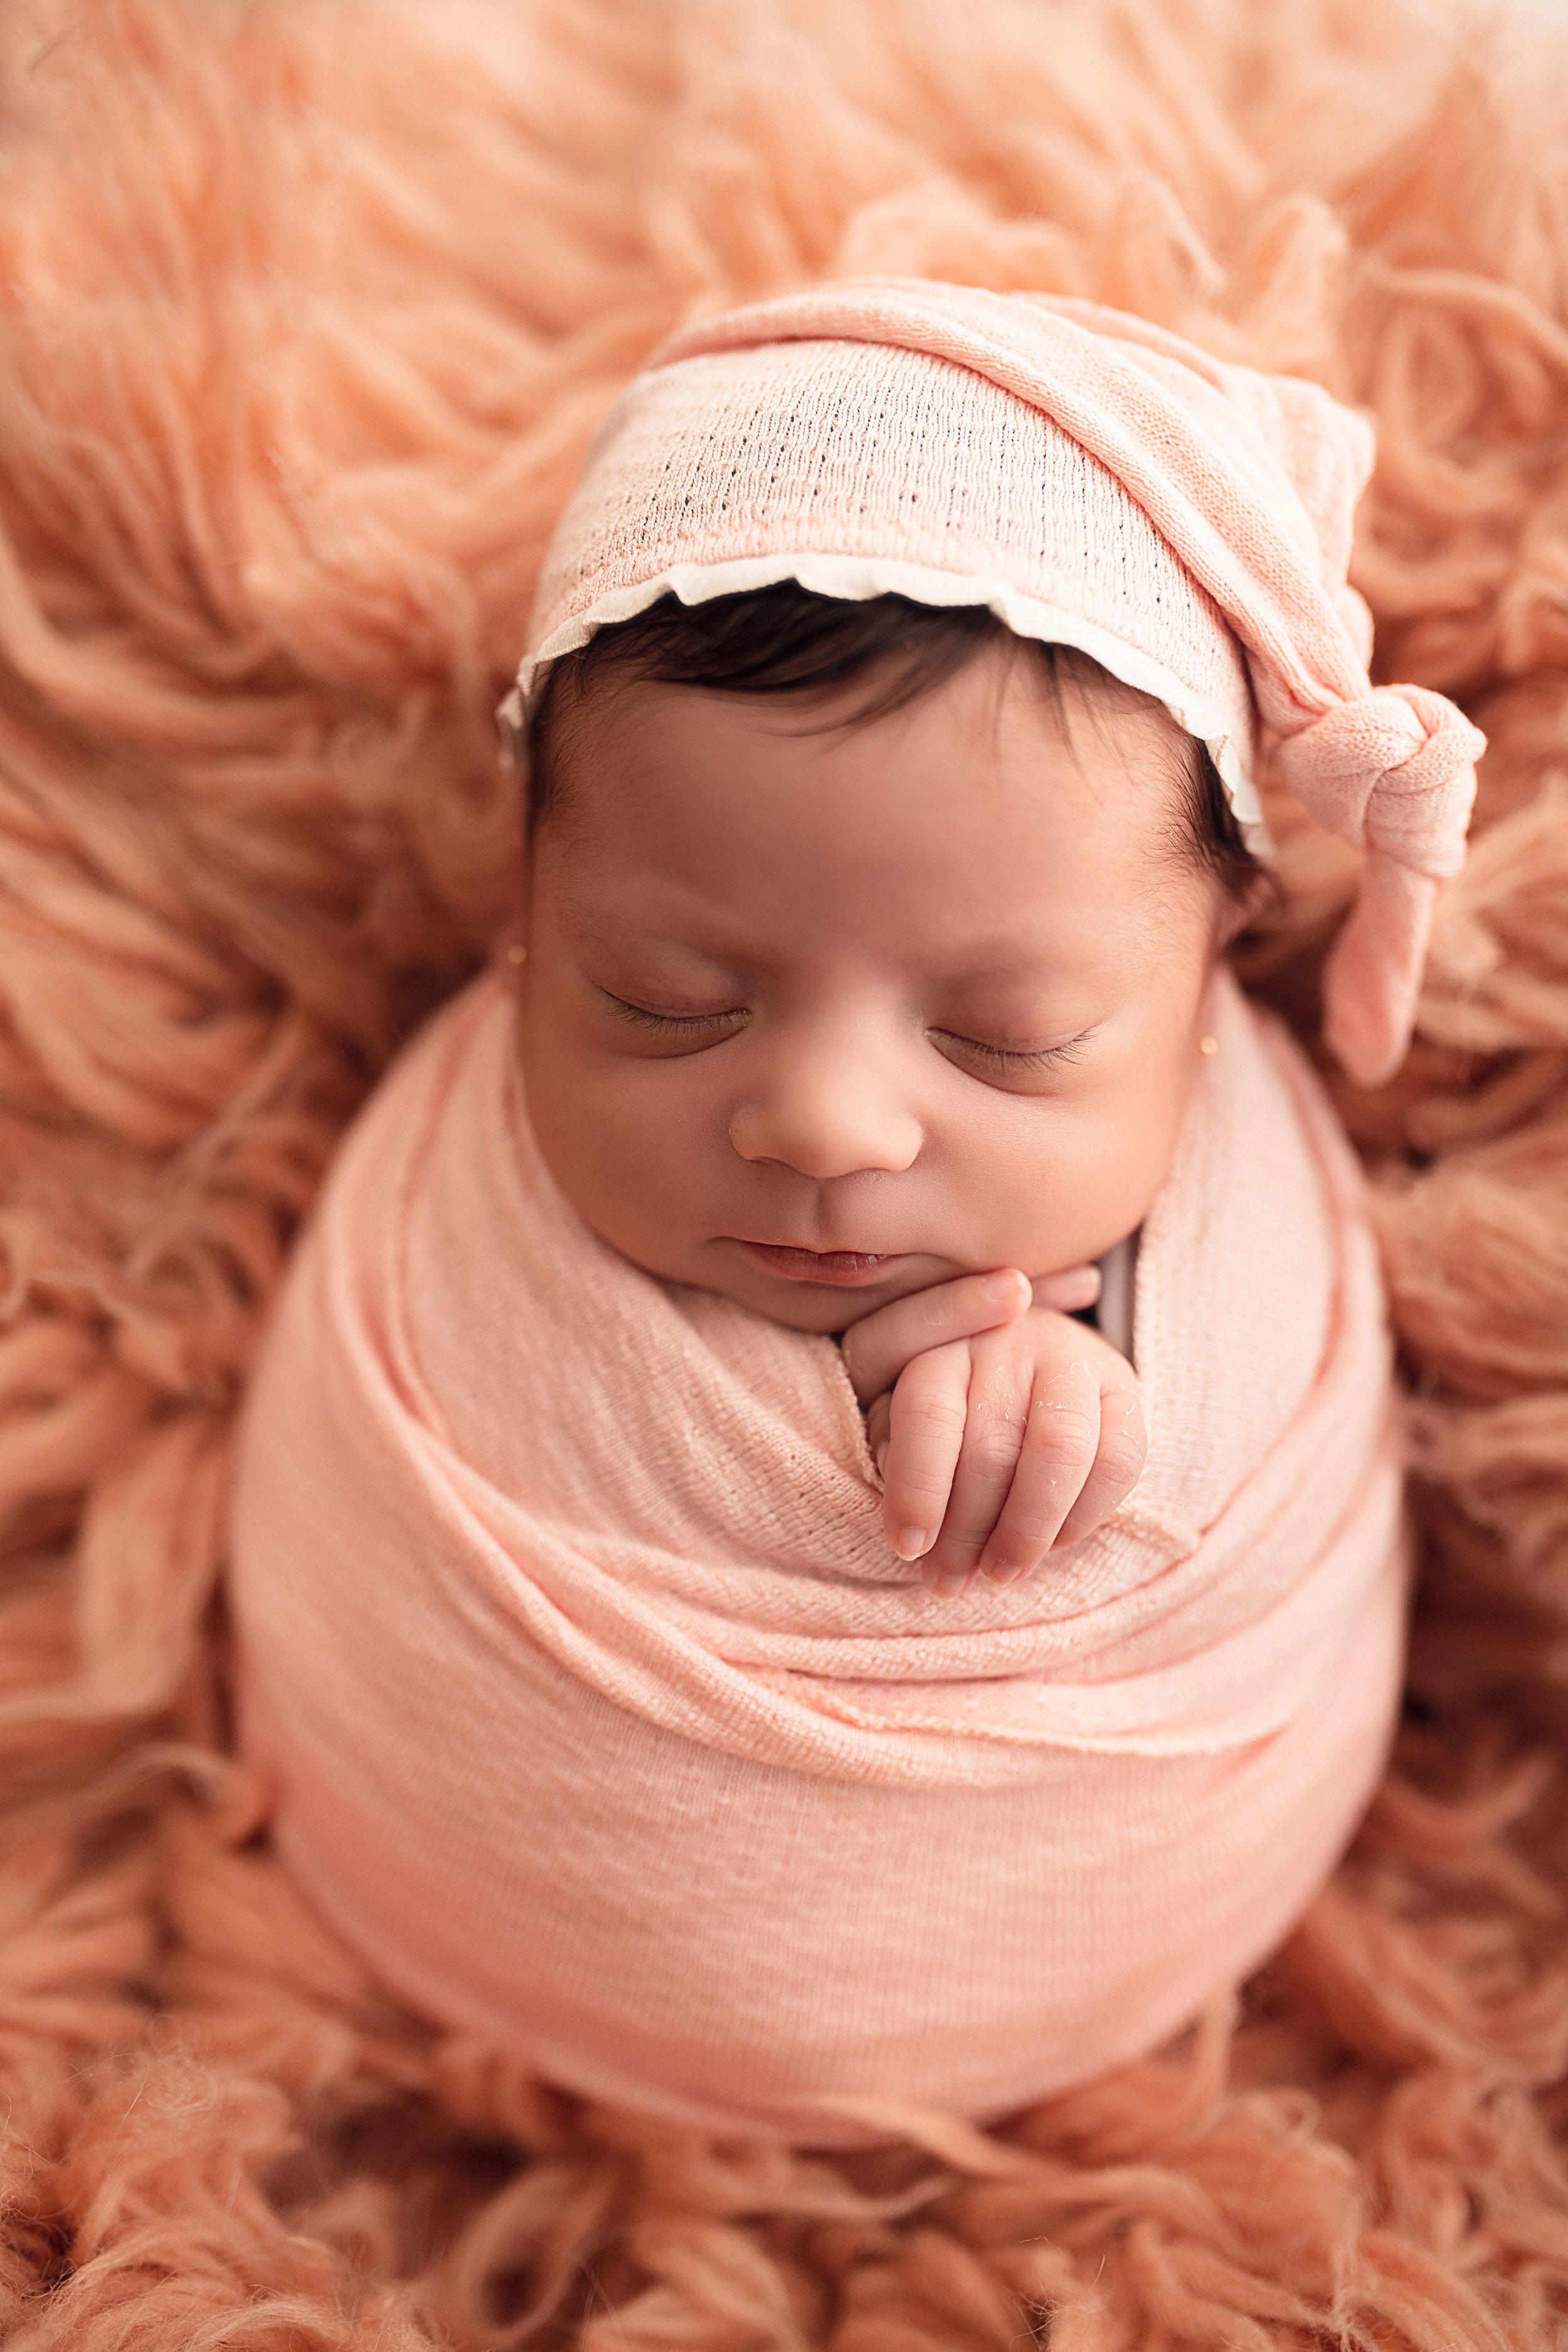 ensaio-newborn-fotografia-rio-de-janeiro-rj-barra-da-tijuca-estudio-em-casa-domicilio-perinatal-laranjeiras-zona-sul-sao-paulo-sp-rogerio-leandro-dr-workshop-mentoria-vip-melhor-2.jpg